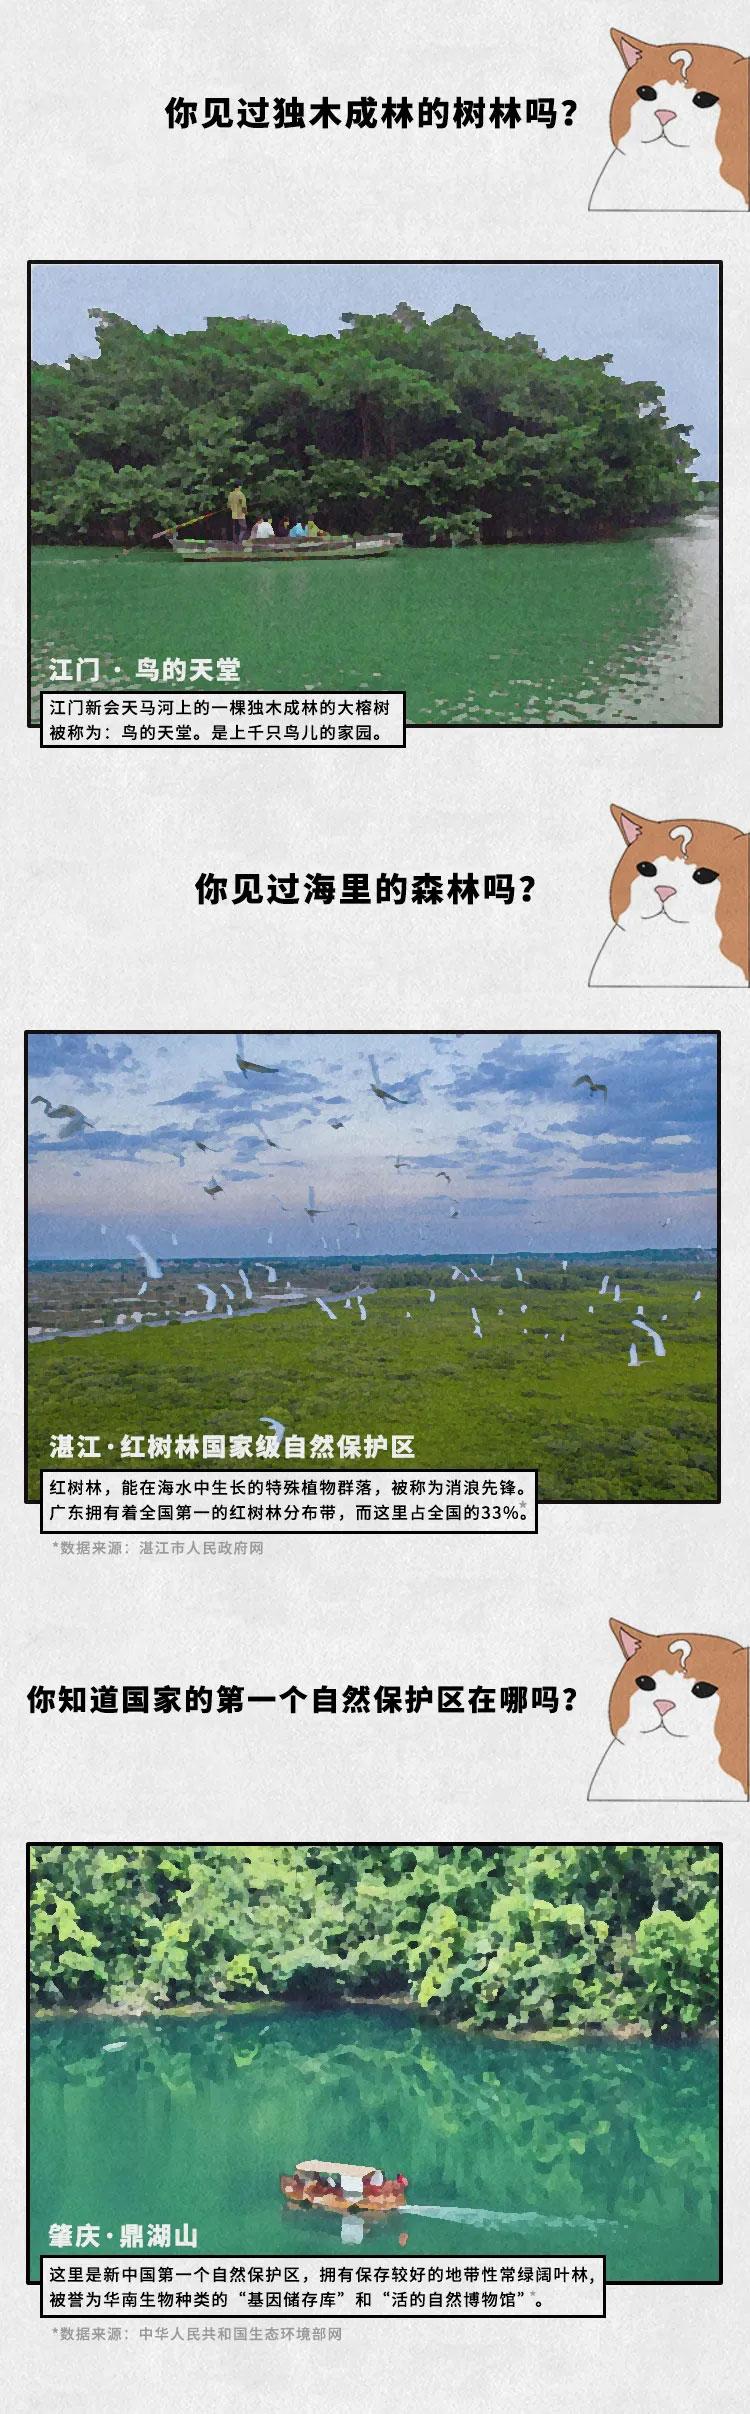 广东的自然保护区